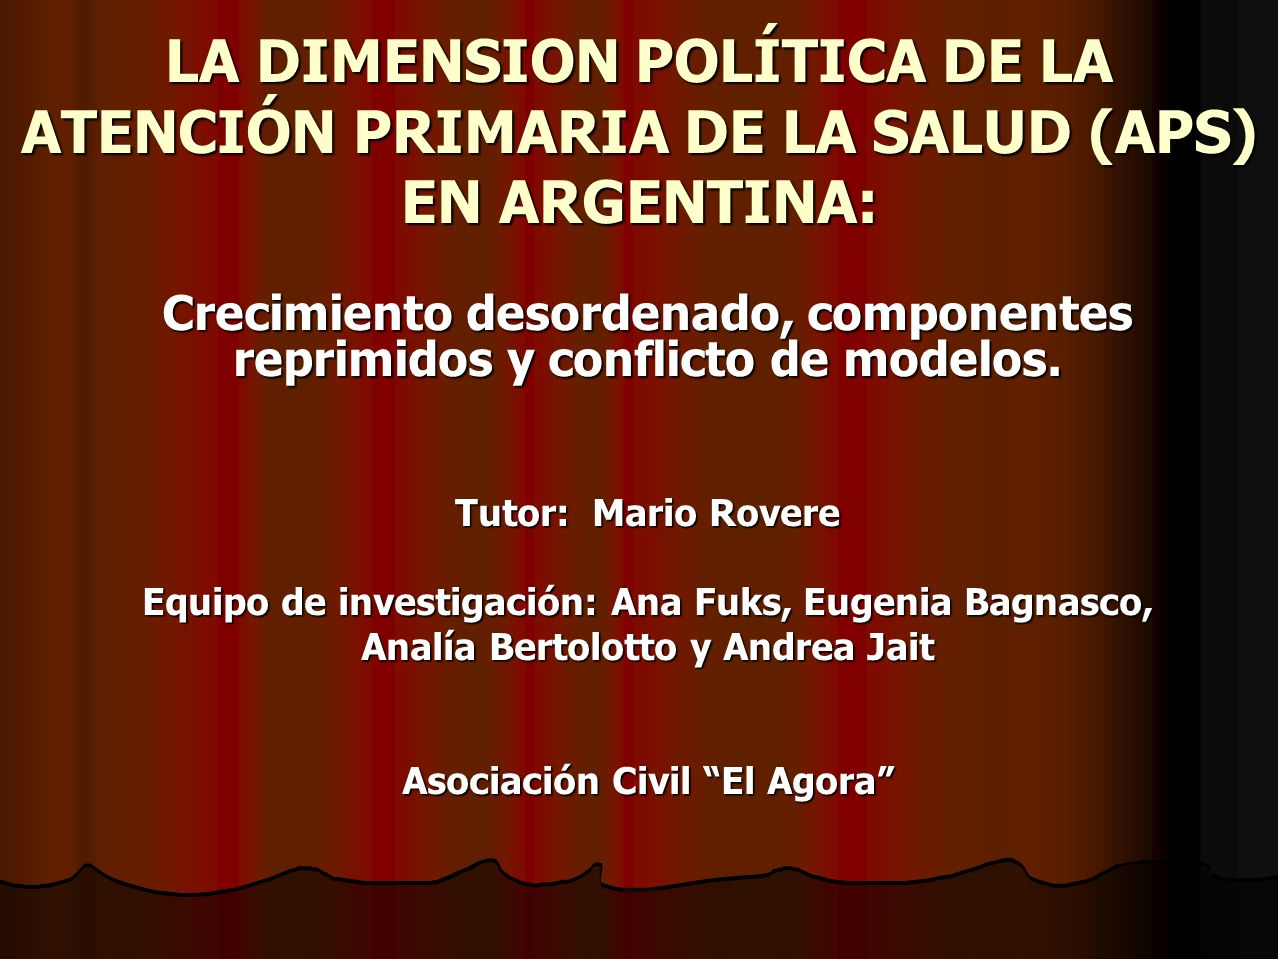 LA DIMENSION POLÍTICA DE LA ATENCIÓN PRIMARIA DE LA SALUD (APS) EN ARGENTINA: